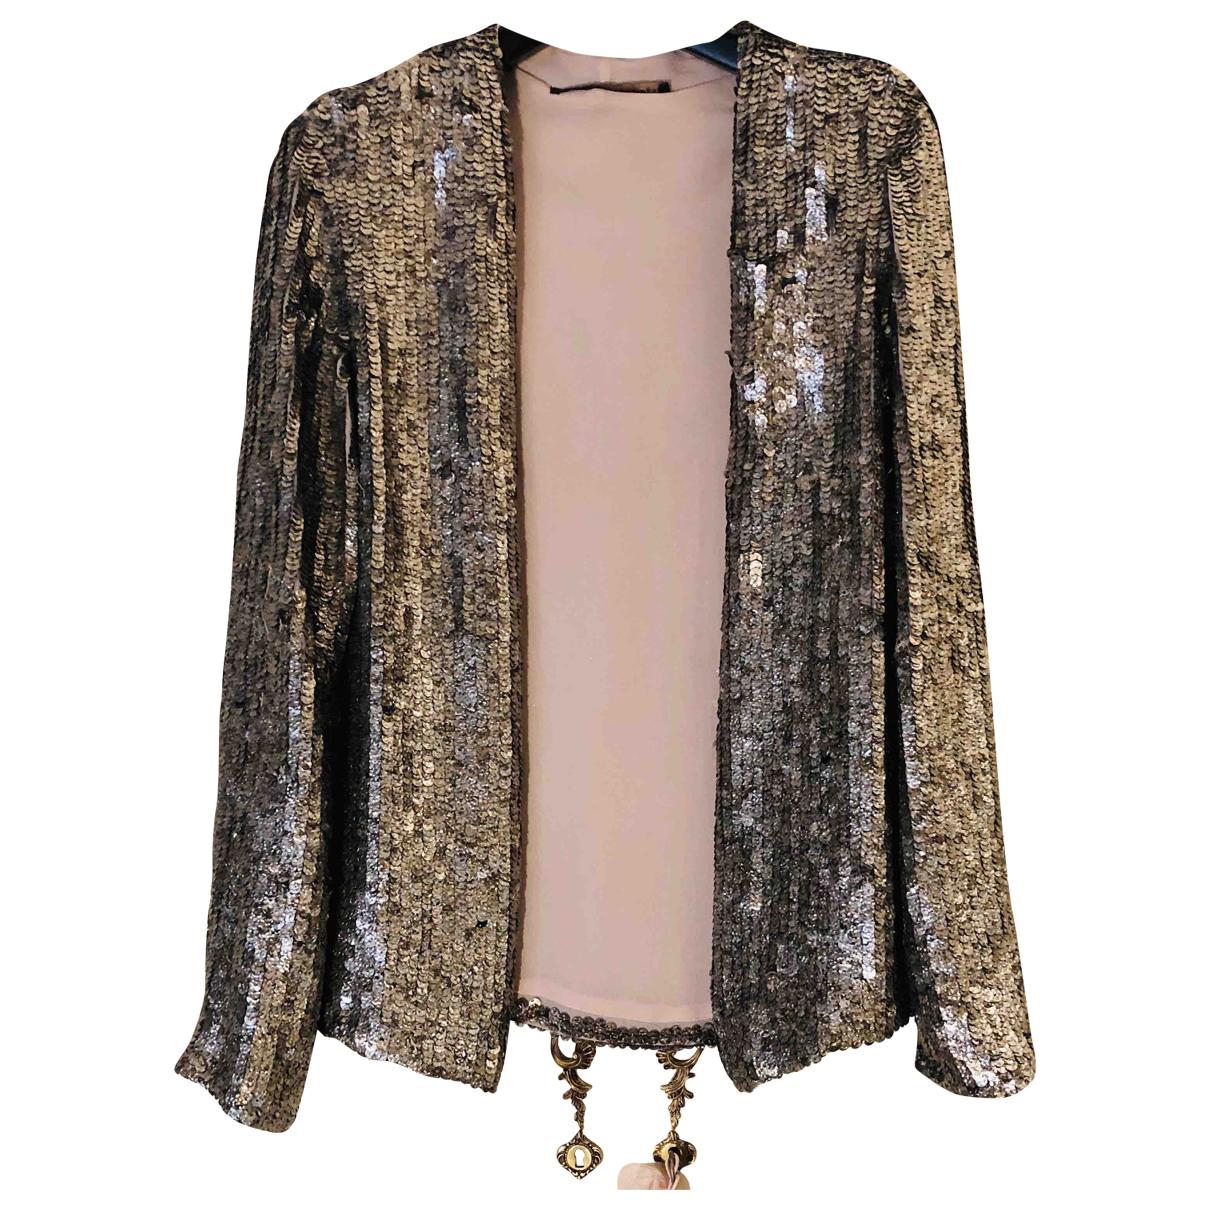 Zara \N Silver Glitter jacket for Women S International